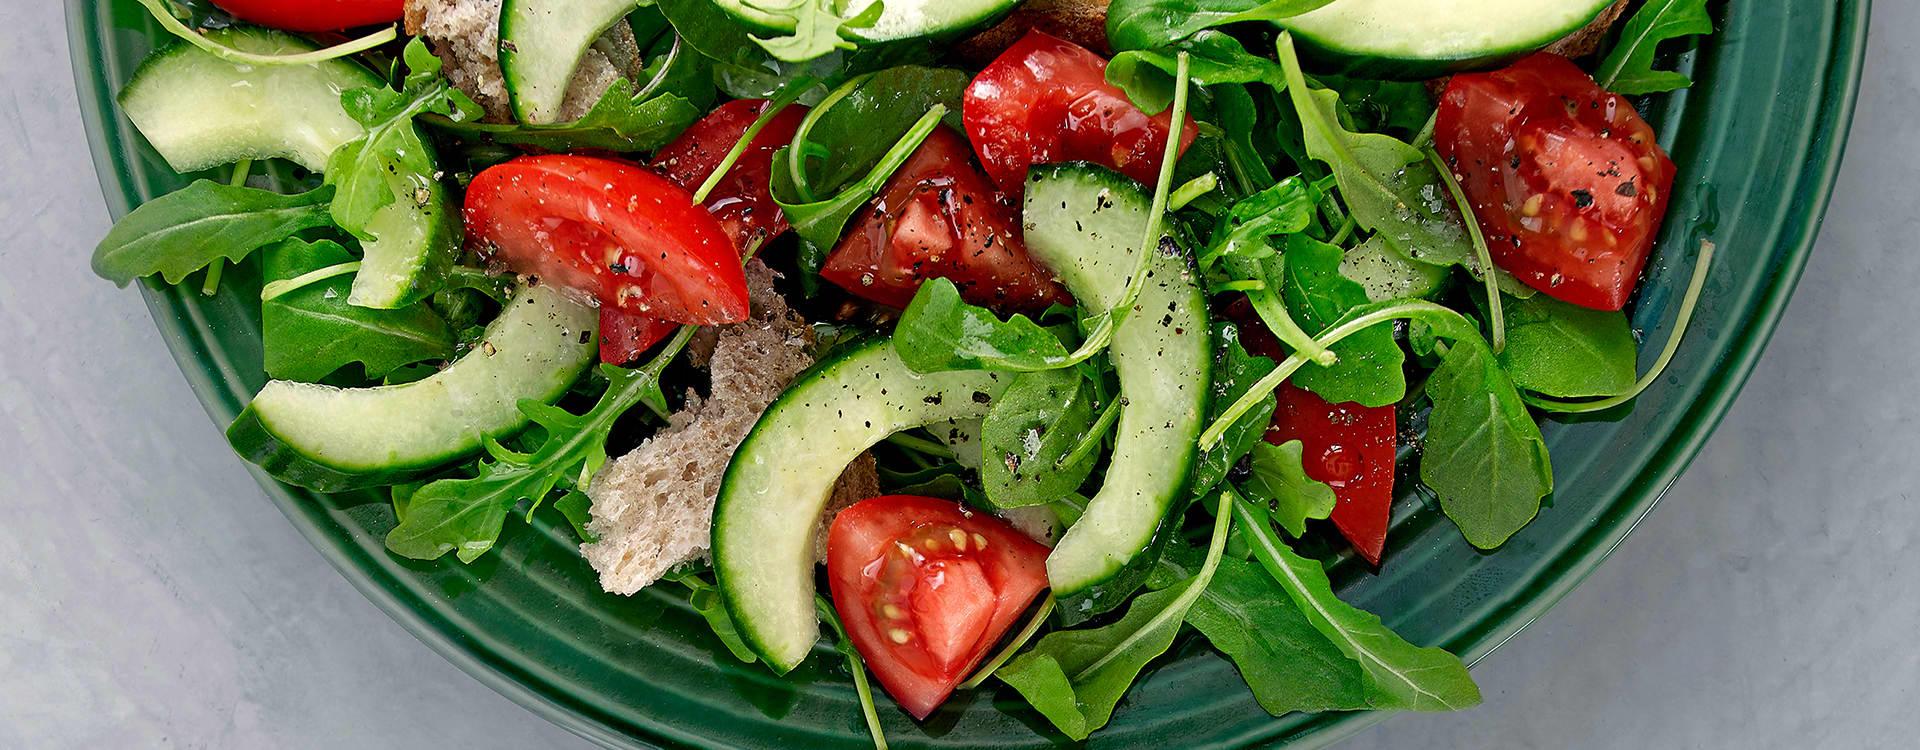 Agurk- og tomatsalat